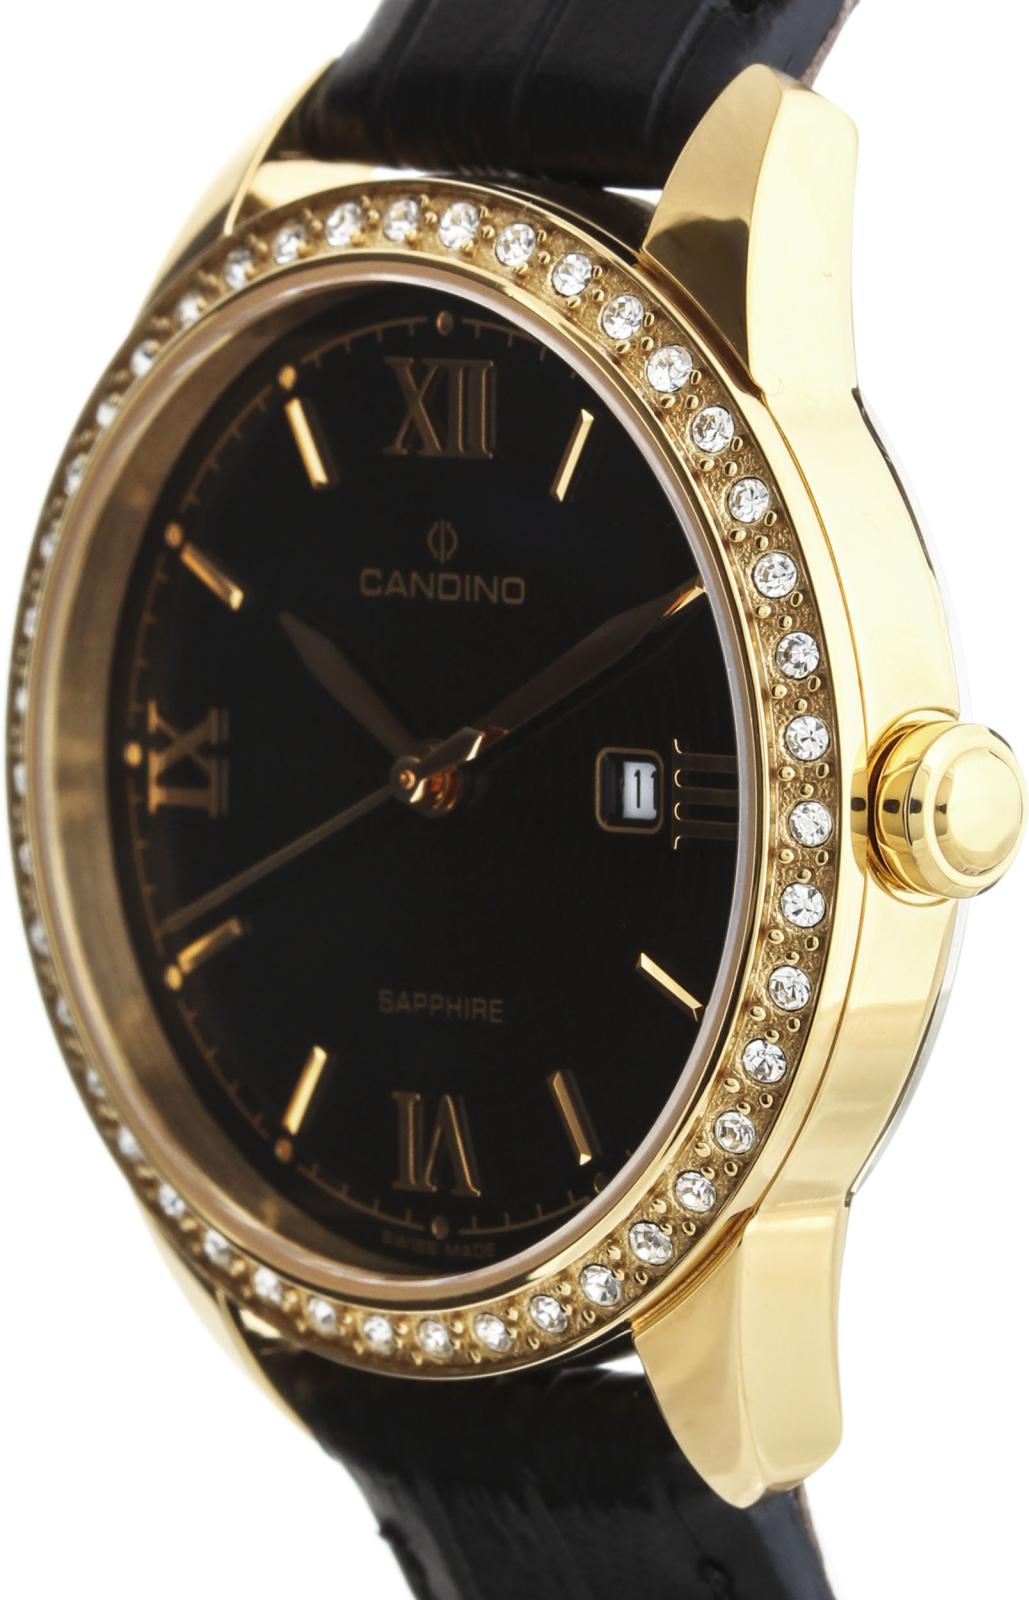 Candino Sportive C4529/3Наручные часы<br>Швейцарские часы Candino Sportive C4529/3<br><br>Пол: Женские<br>Страна-производитель: Швейцария<br>Механизм: Кварцевый<br>Материал корпуса: Сталь<br>Материал ремня/браслета: Кожа<br>Водозащита, диапазон: 20 - 100 м<br>Стекло: Сапфировое<br>Толщина корпуса: 8 мм<br>Стиль: Спорт